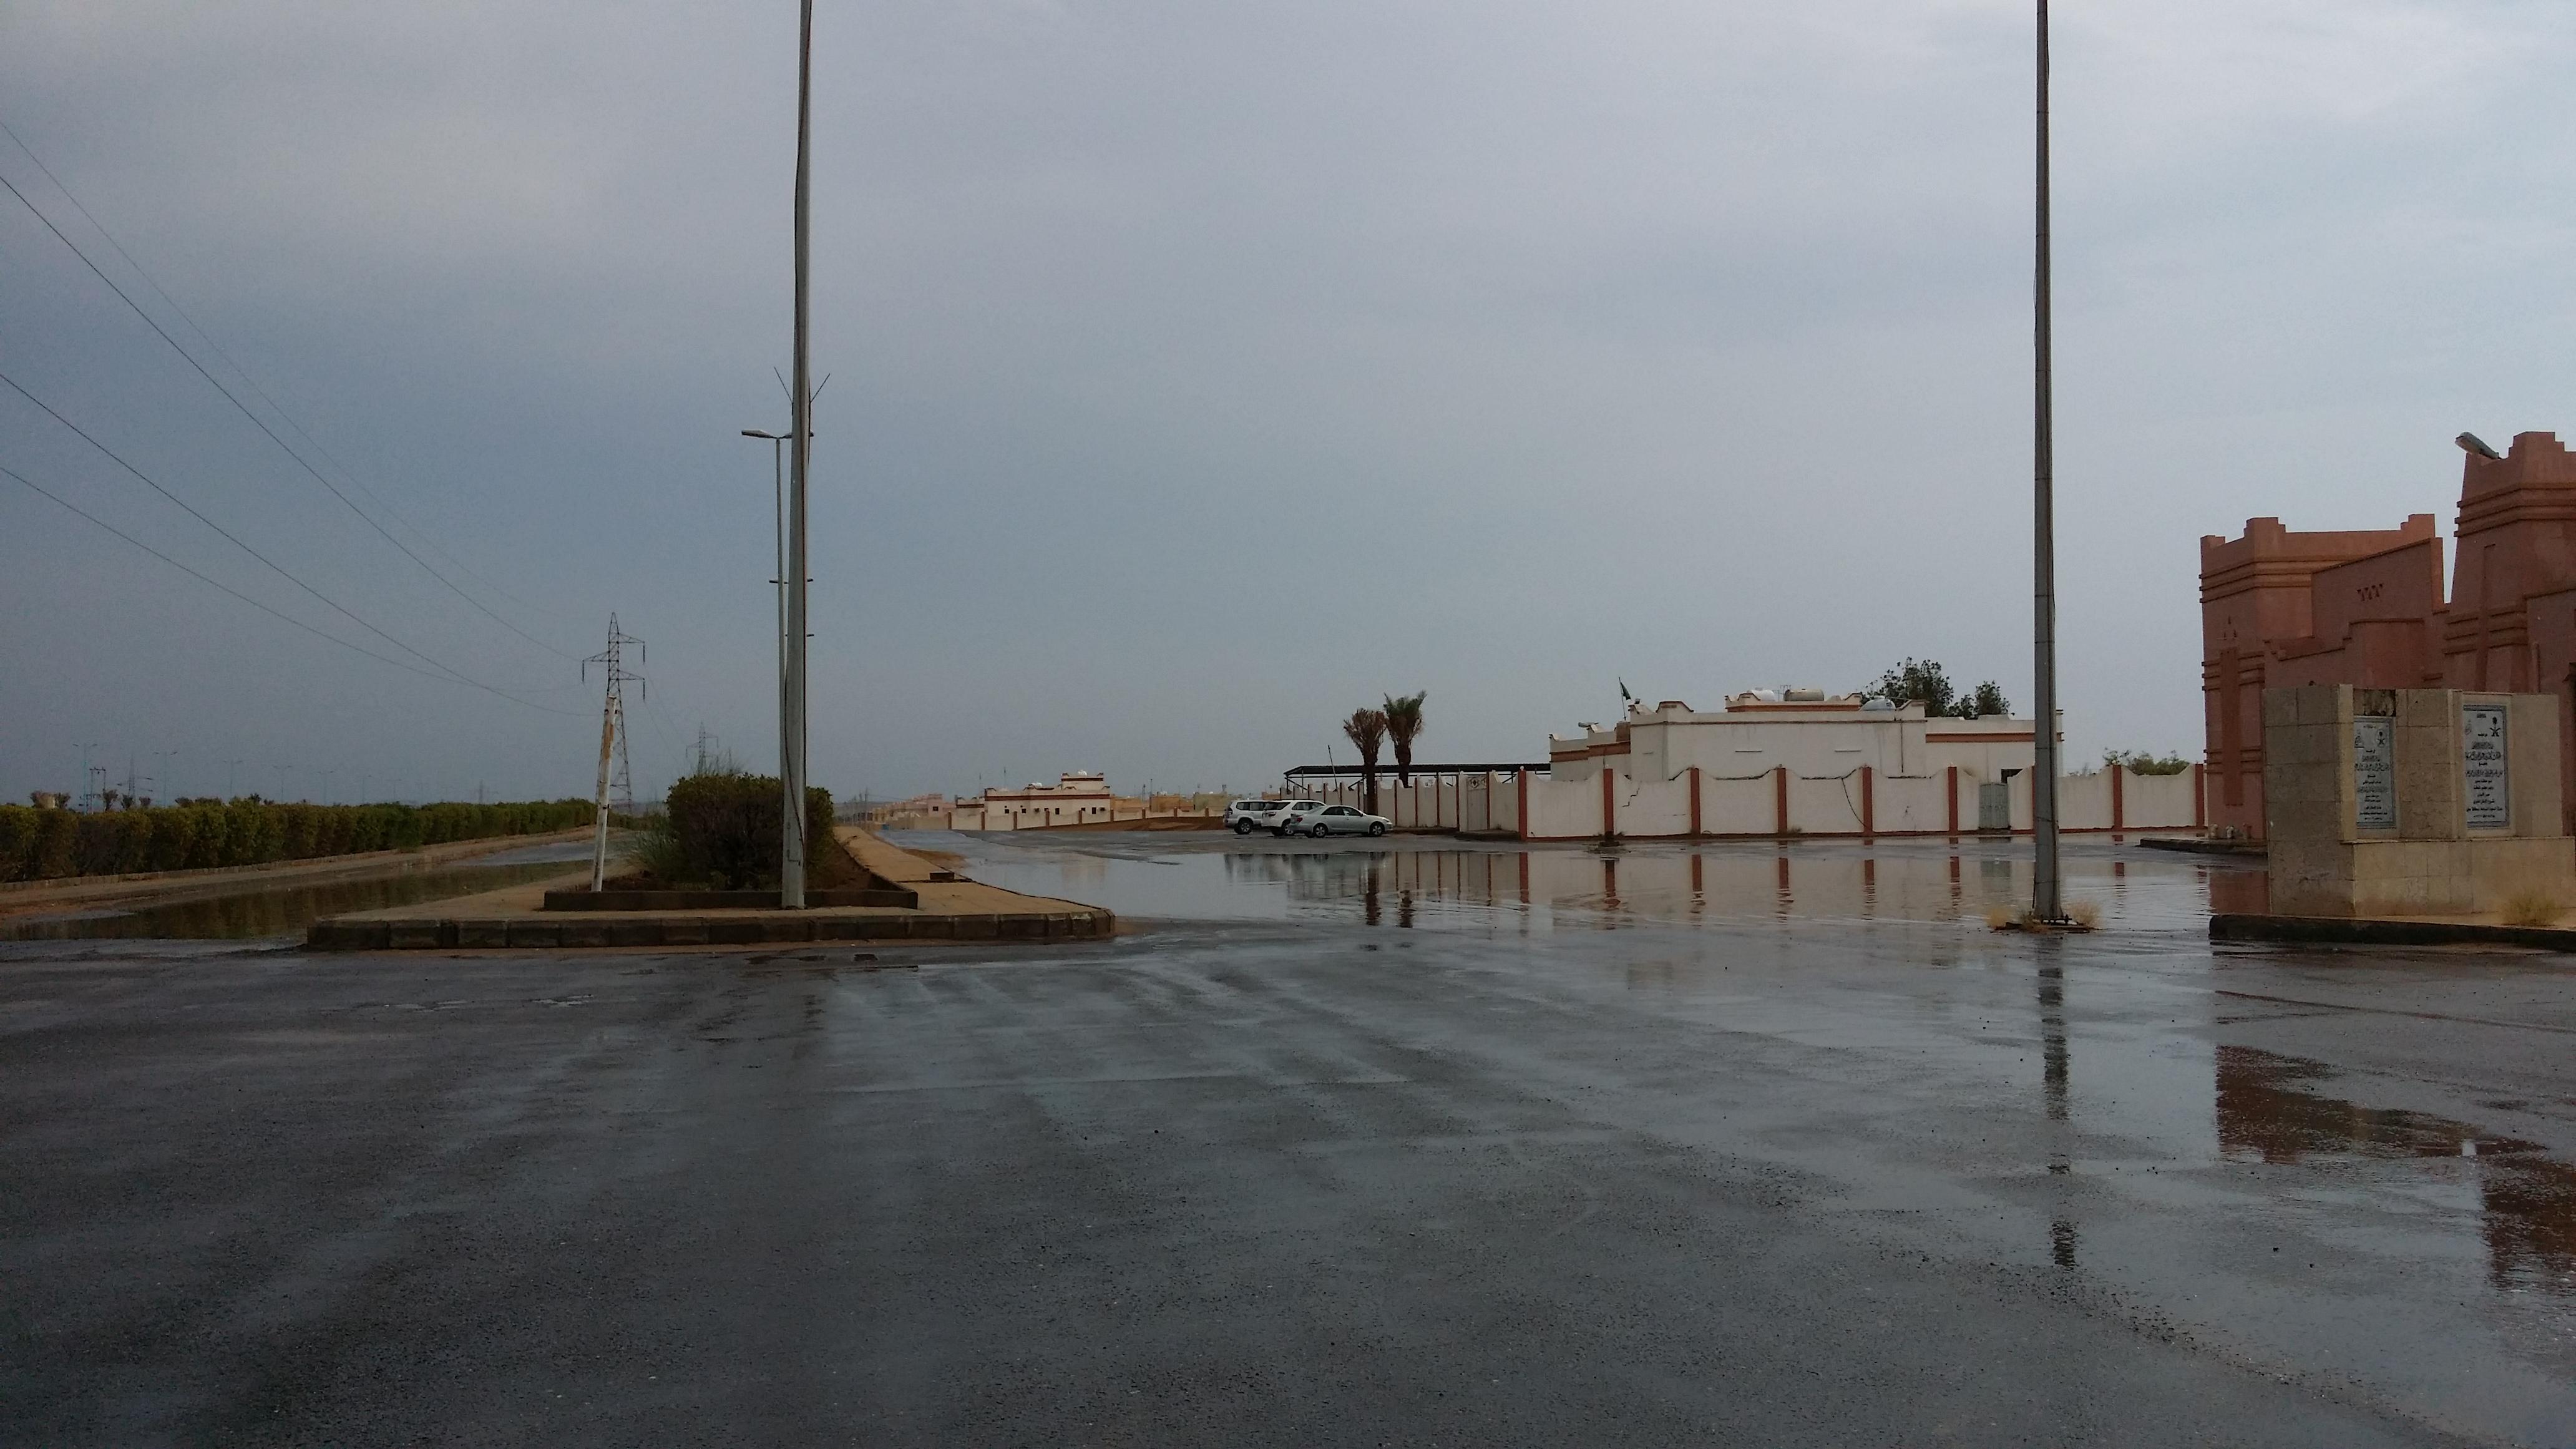 امطار غزيرة تلطف أجواء ساحل عسير (1)